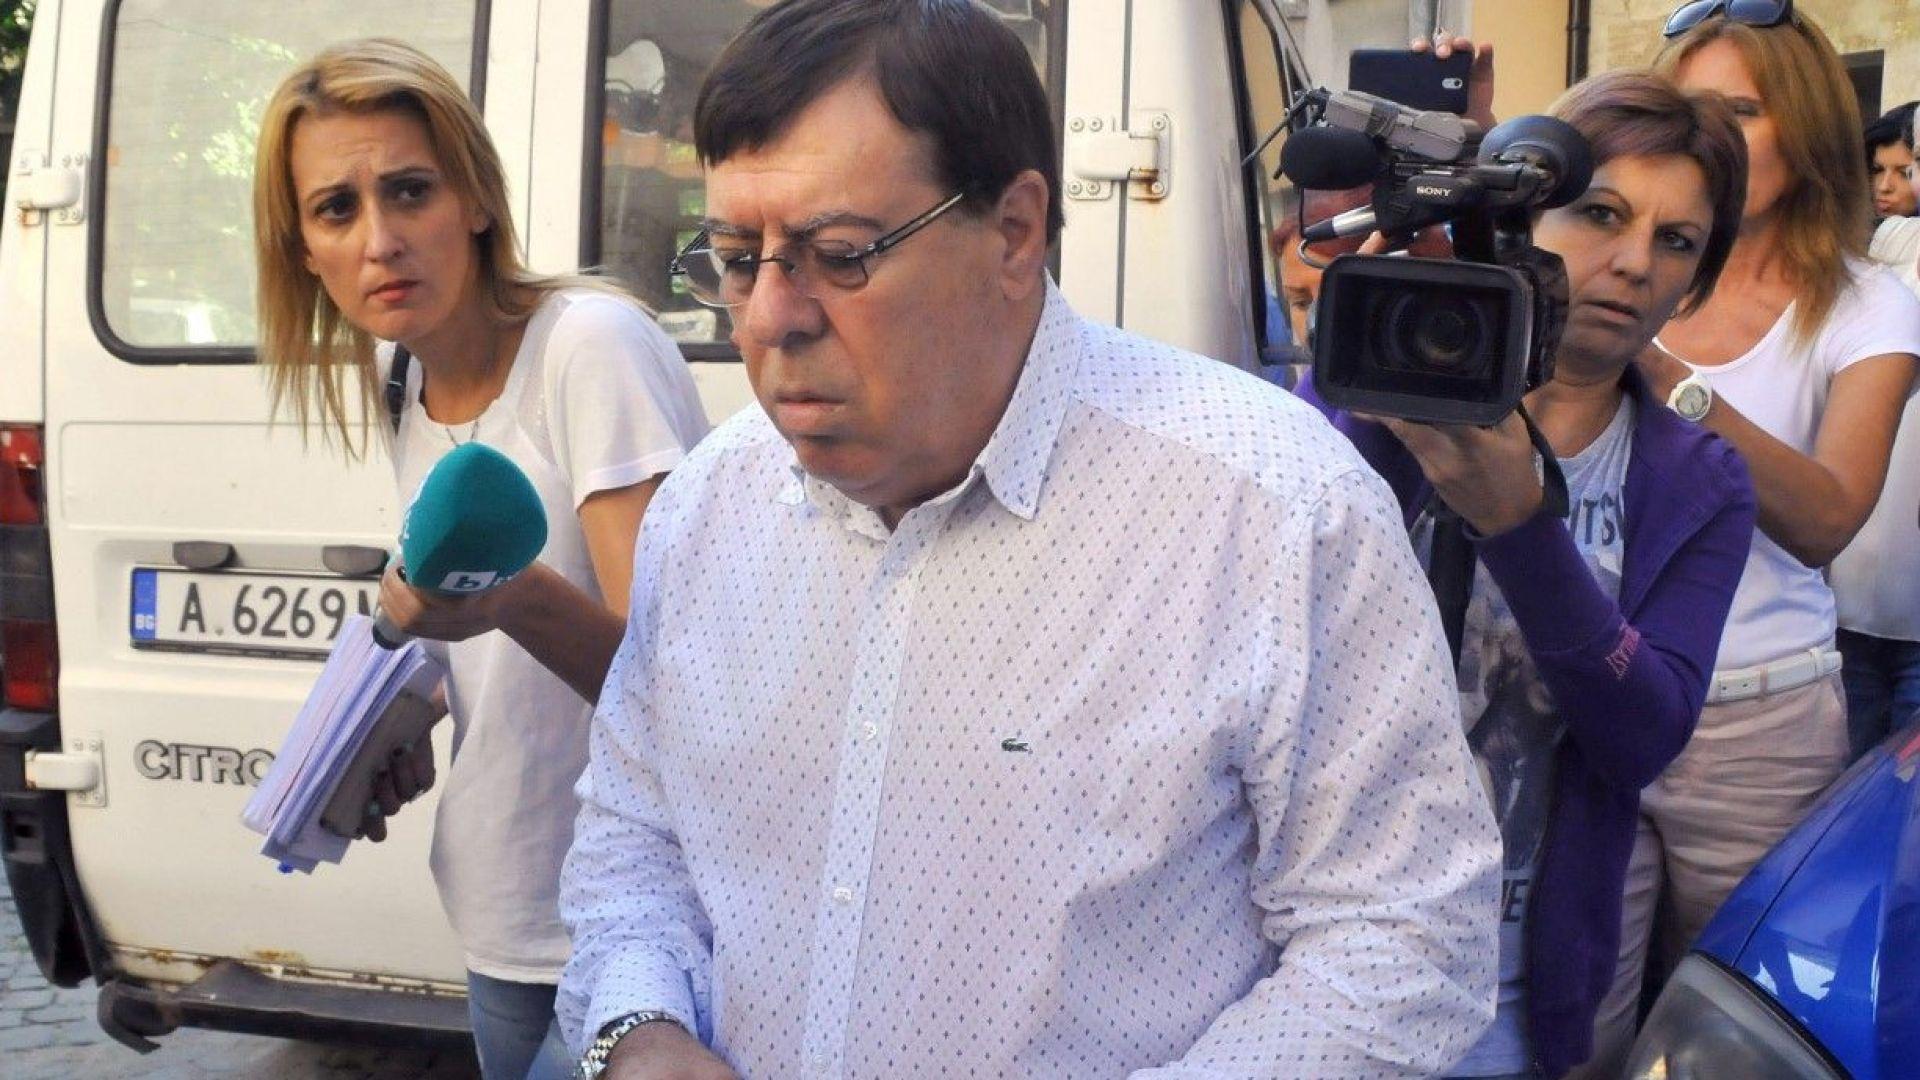 Дават на съд свързания с Очите общинар Бенчо Бенчев